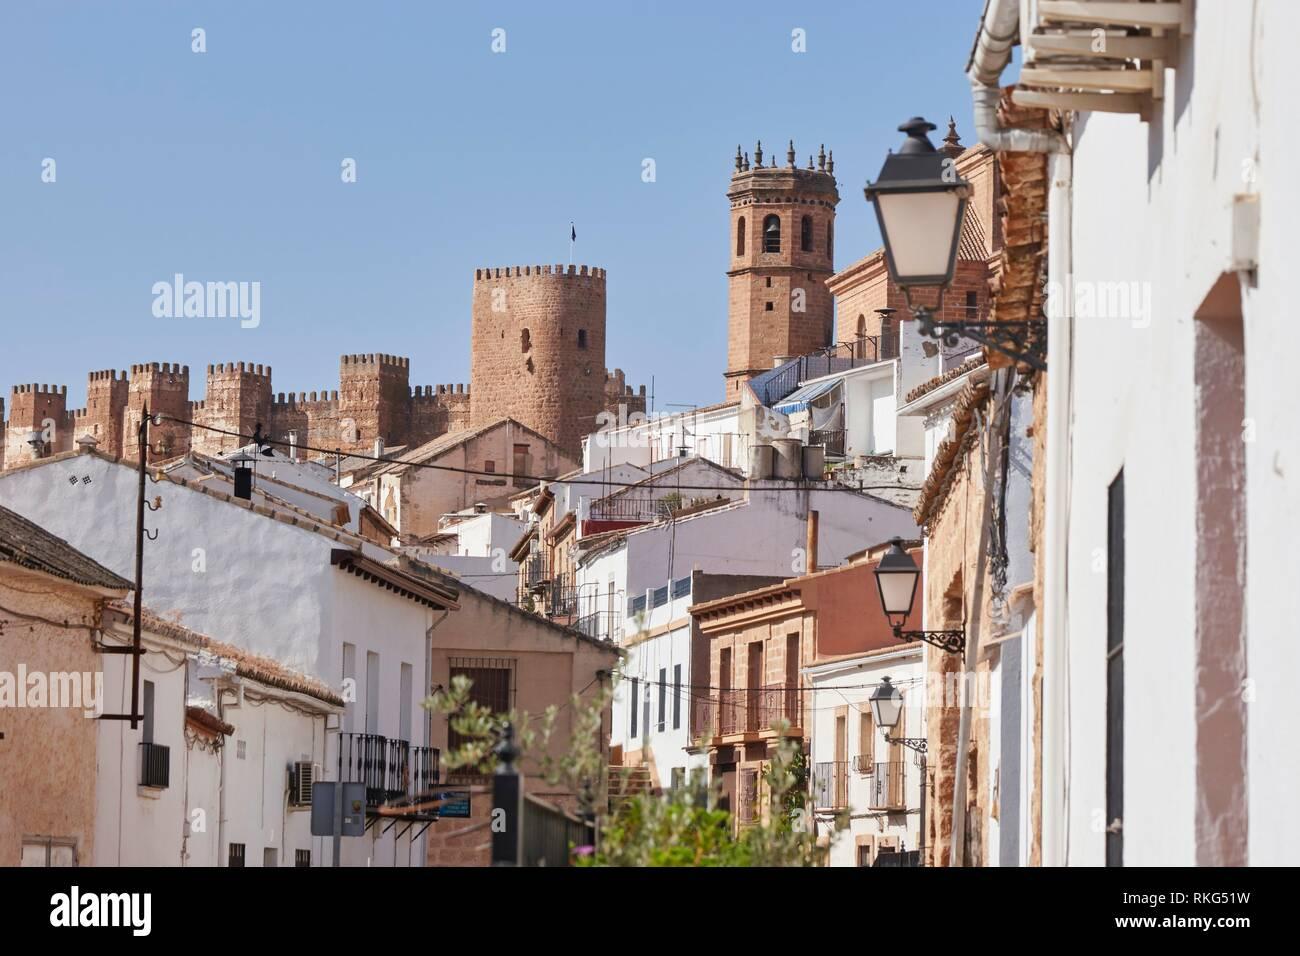 Banos de la Encina, town of Jaén. Andalusia, Spain. - Stock Image